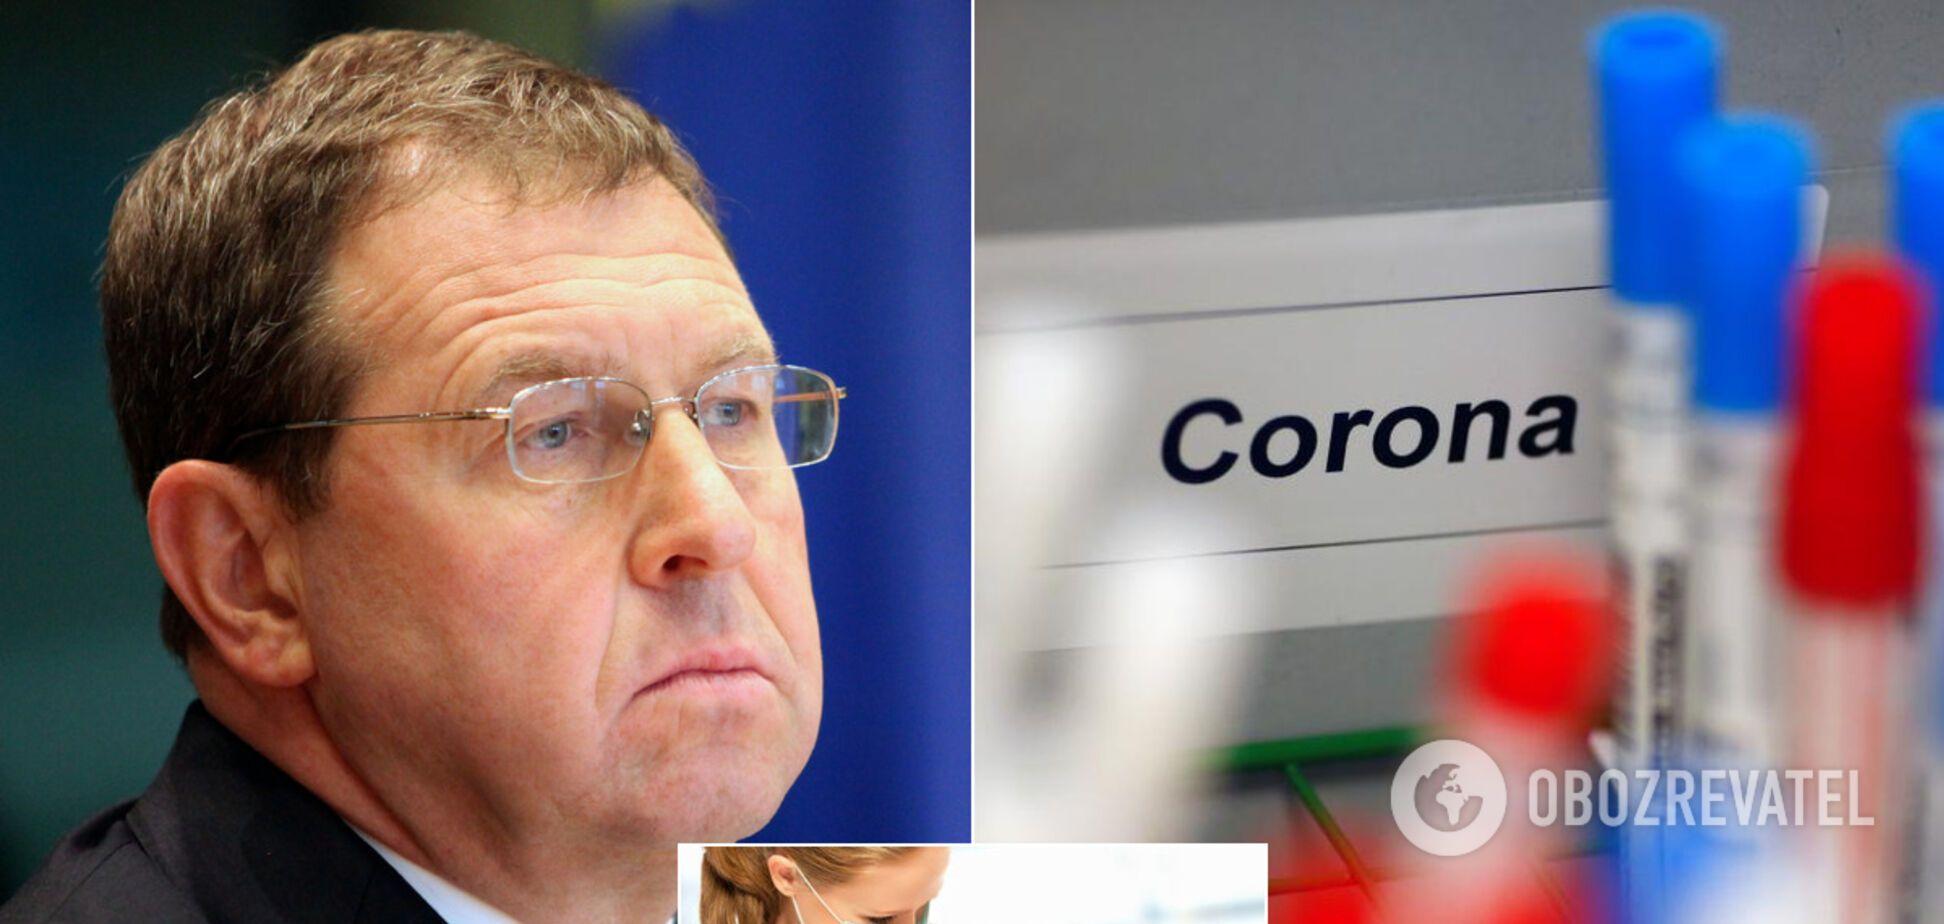 Вакцинация БЦЖ снижает смертность от COVID-19: Илларионов указал на связь